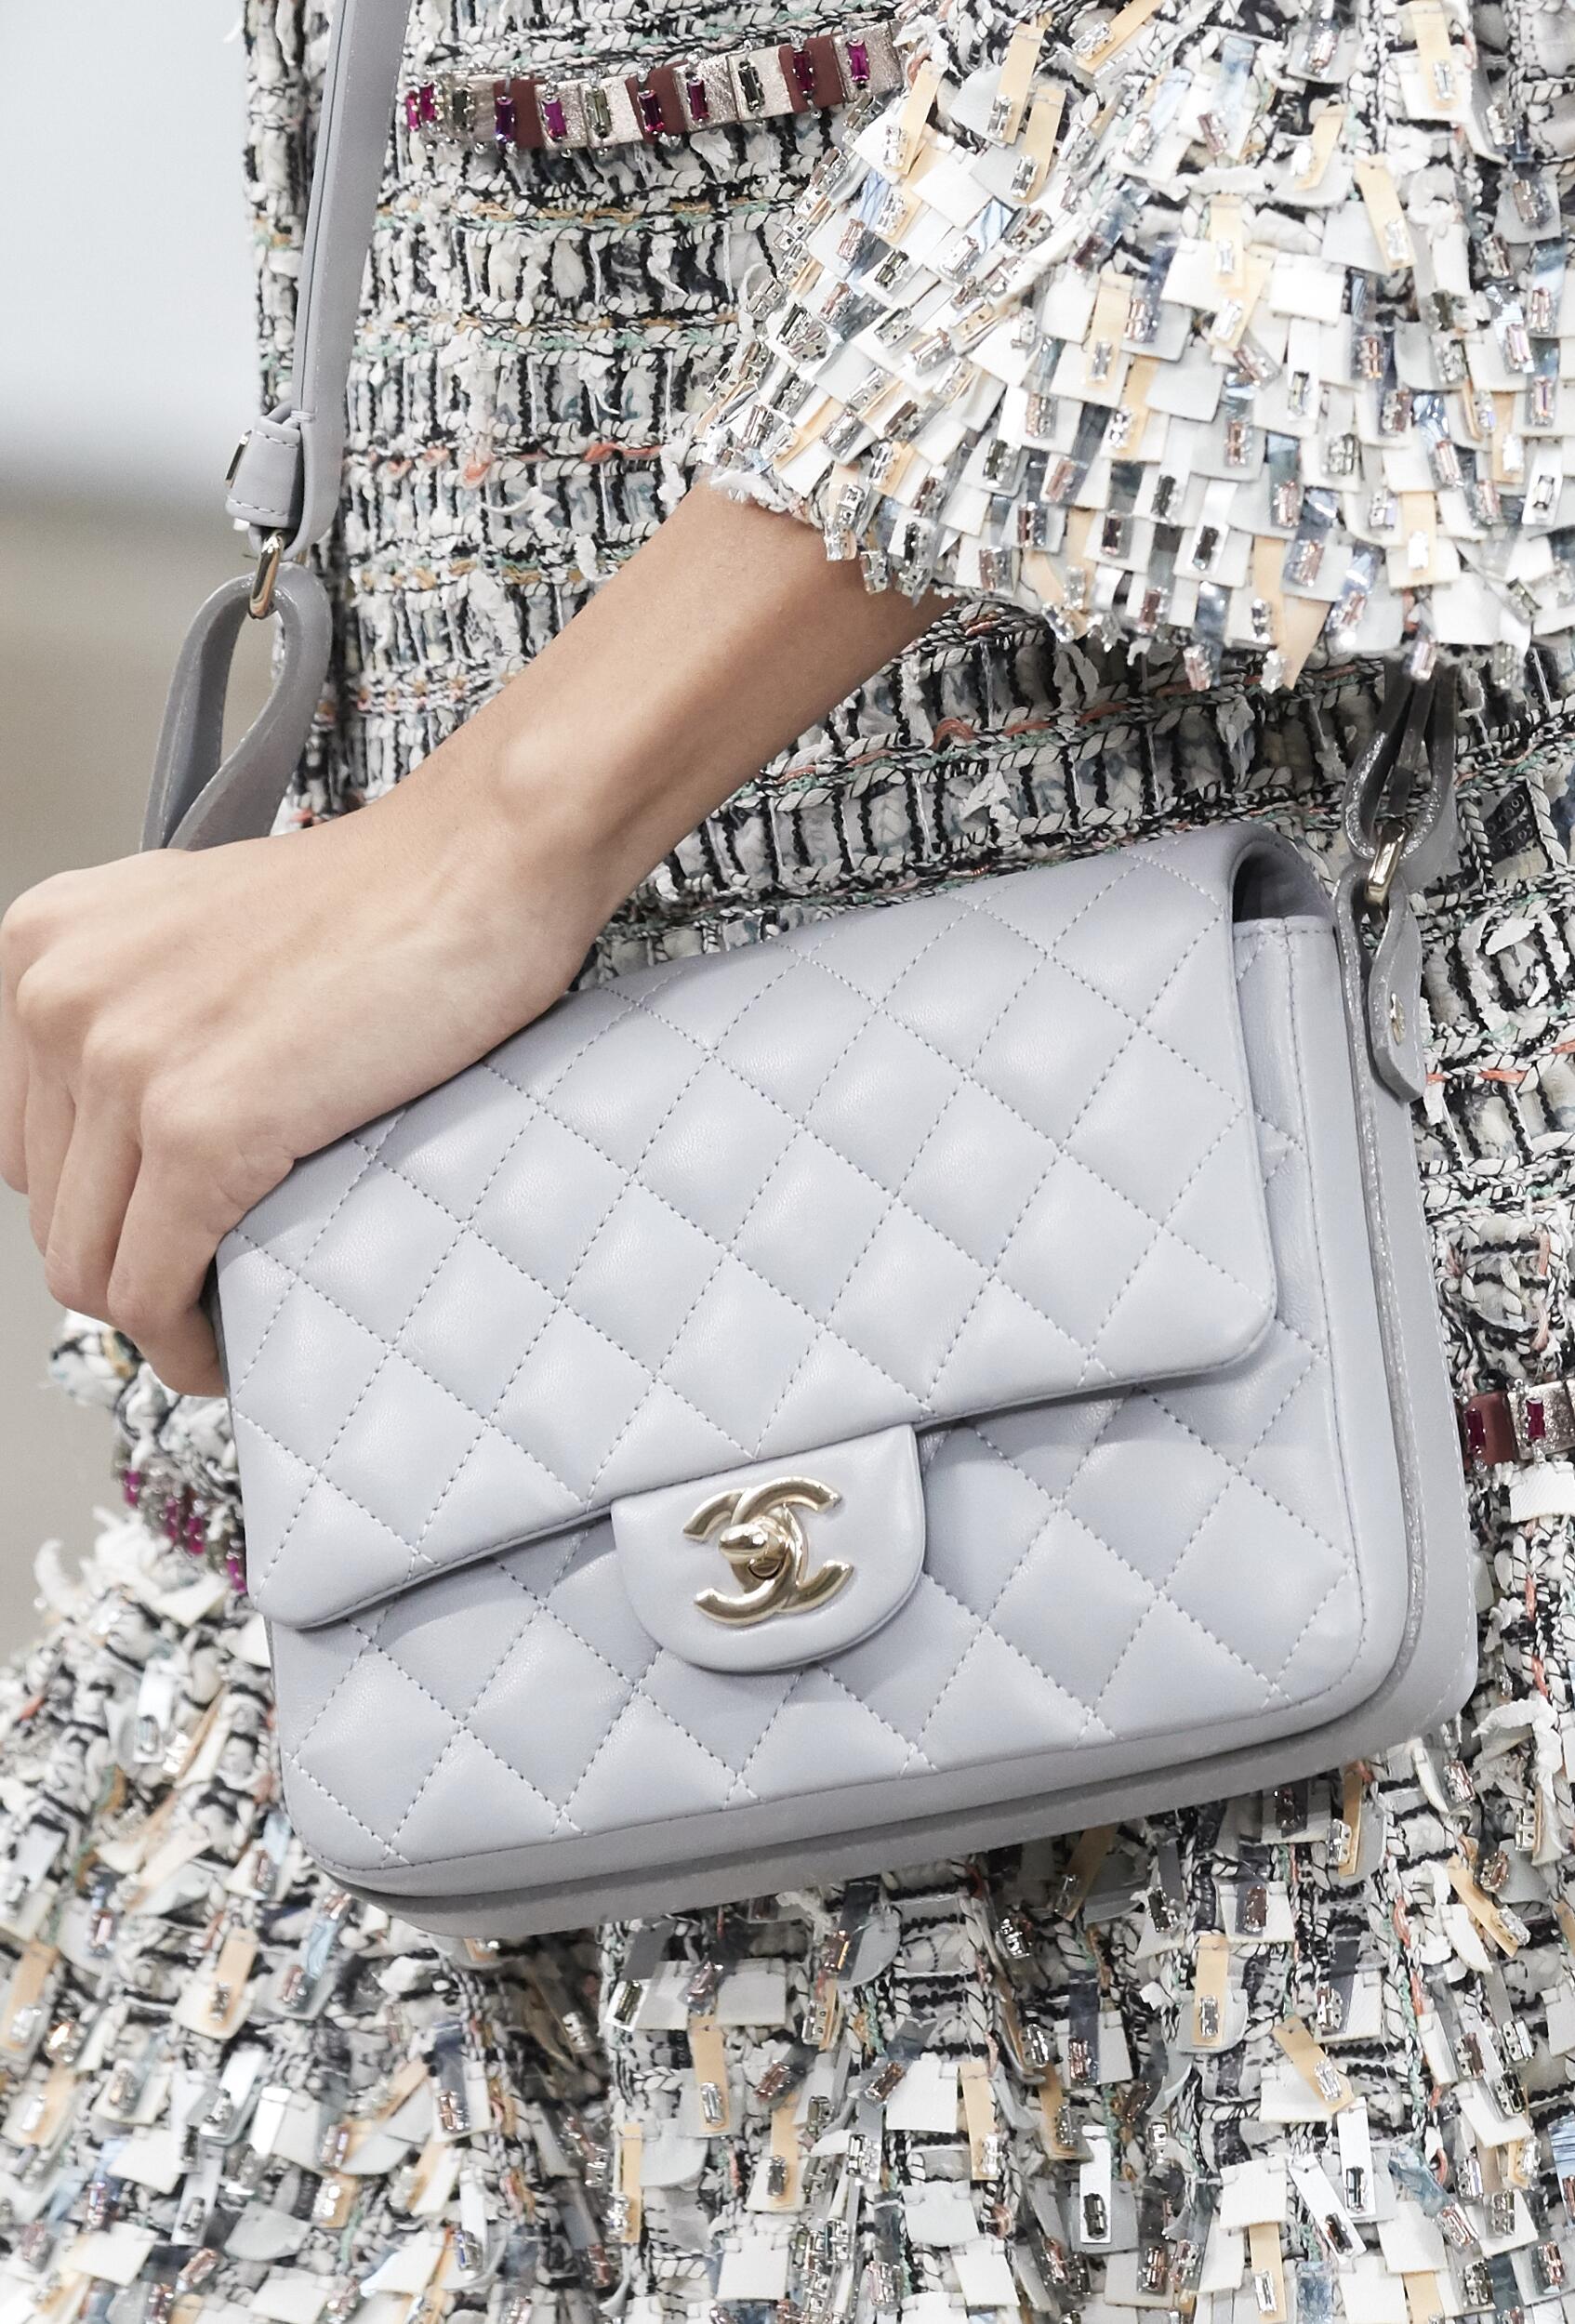 2020 Chanel Bag